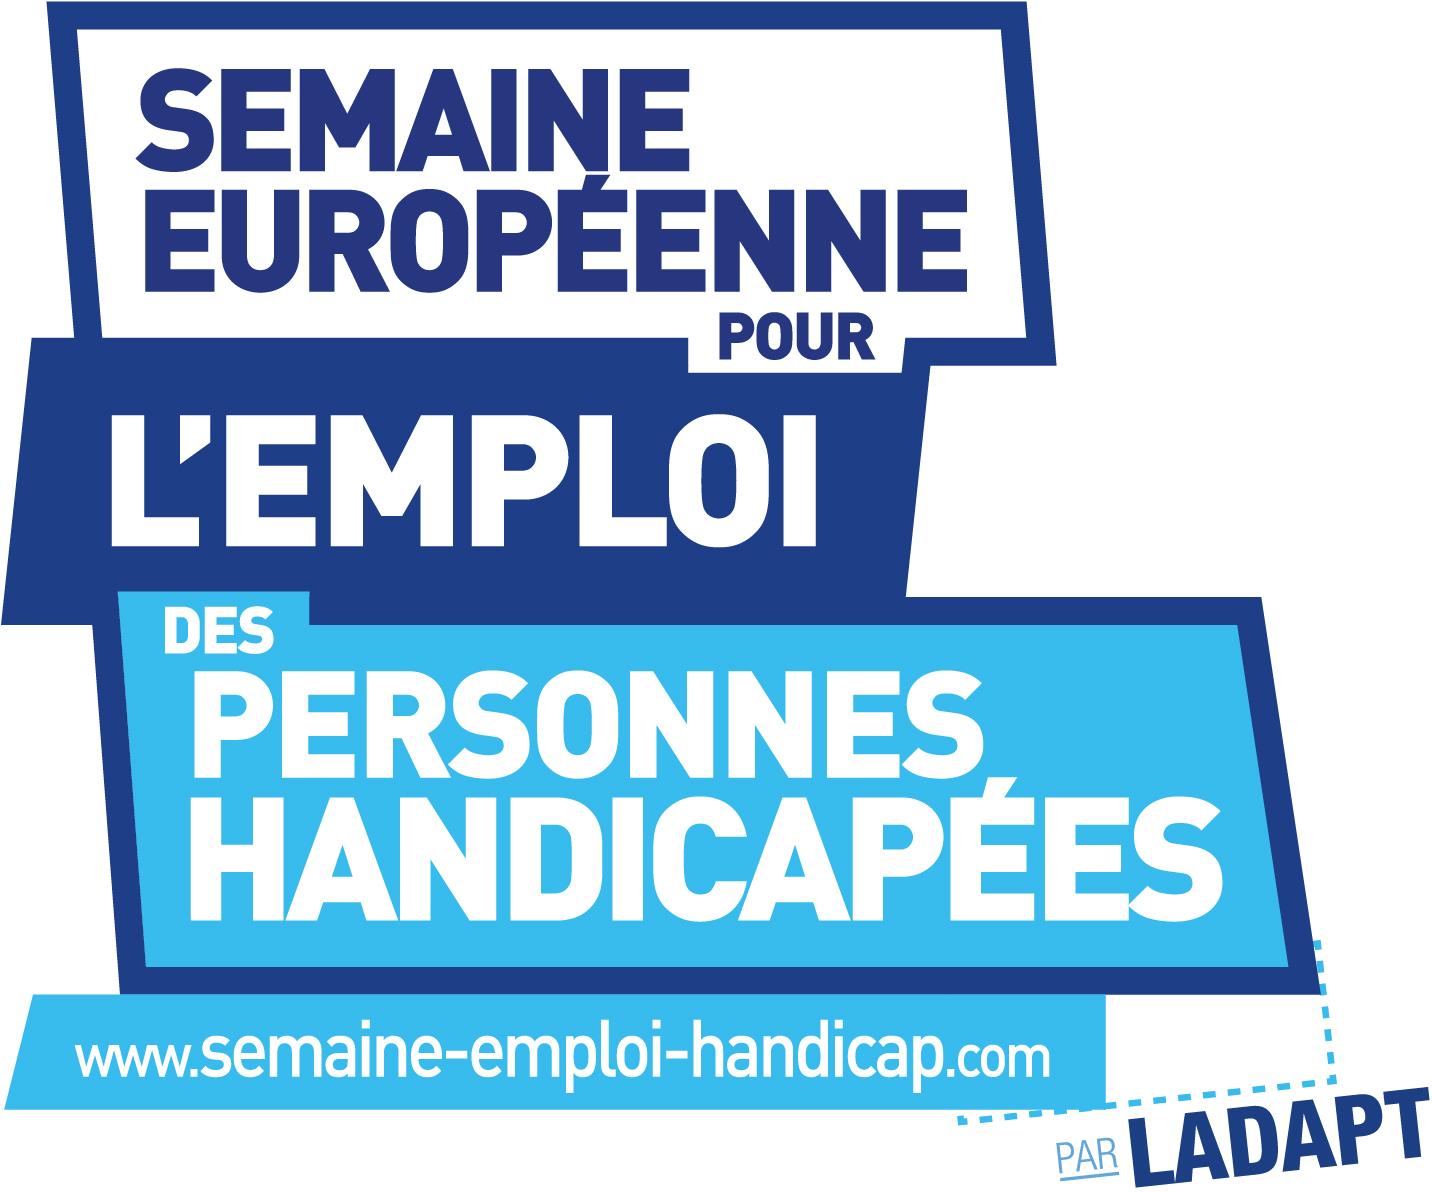 Semaine européenne pour l'emploi des personnes handicapées (logo)